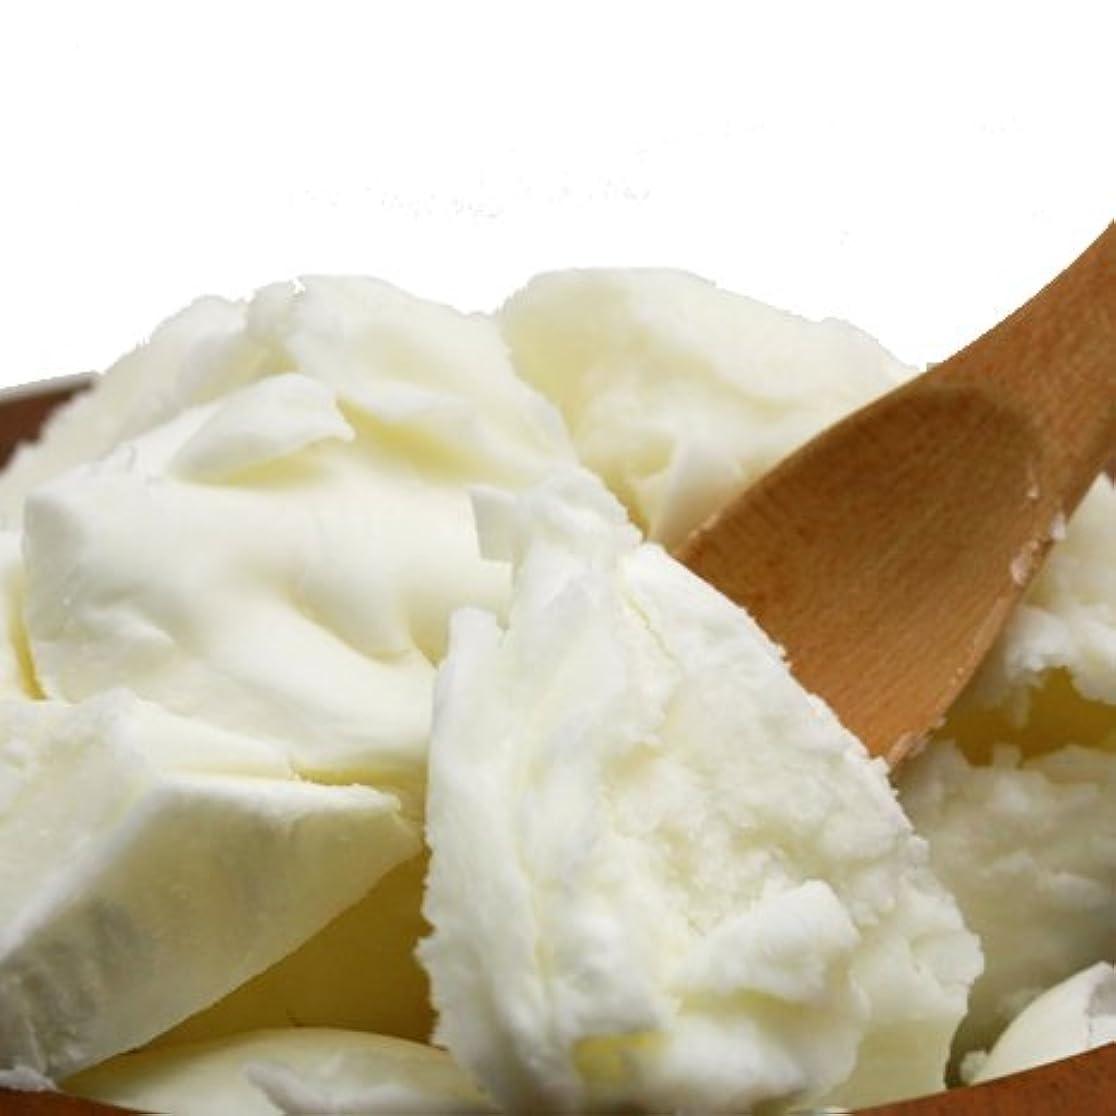 構成遵守する助けてオーガニック 精製シアバター 100g シア脂 【手作り石鹸/手作りコスメ/手作り化粧品】